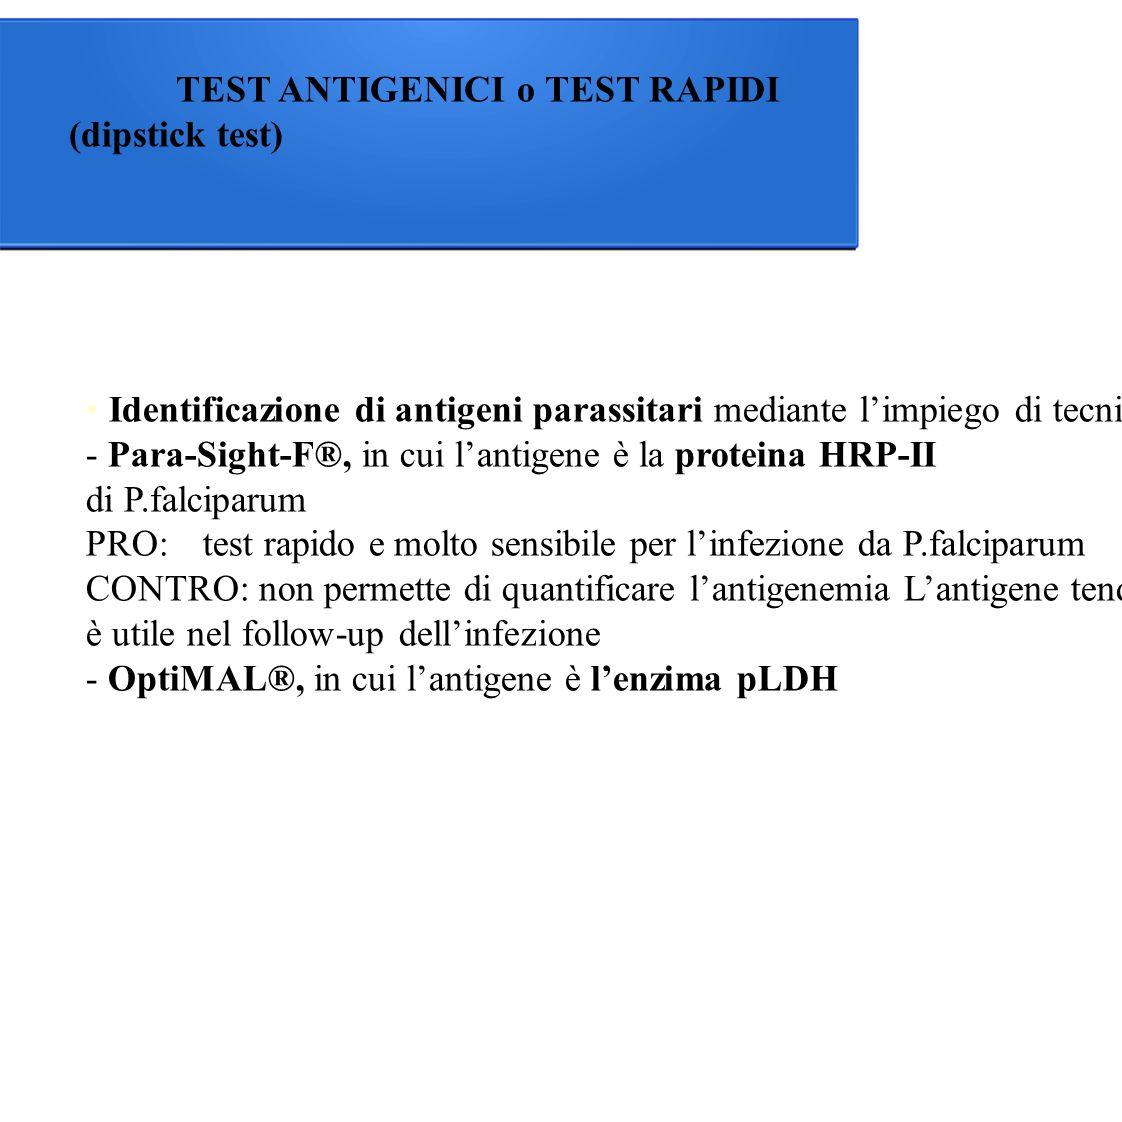 TEST ANTIGENICI o TEST RAPIDI (dipstick test) Identificazione di antigeni parassitari mediante l'impiego di tecniche cromatografiche rapide: - Para-Sight-F®, in cui l'antigene è la proteina HRP-II di P.falciparum PRO:test rapido e molto sensibile per l'infezione da P.falciparum CONTRO: non permette di quantificare l'antigenemia L'antigene tende a persistere per giorni anche dopo un trattamento adeguato e la guarigione, per tale motivo non è utile nel follow-up dell'infezione - OptiMAL®, in cui l'antigene è l'enzima pLDH